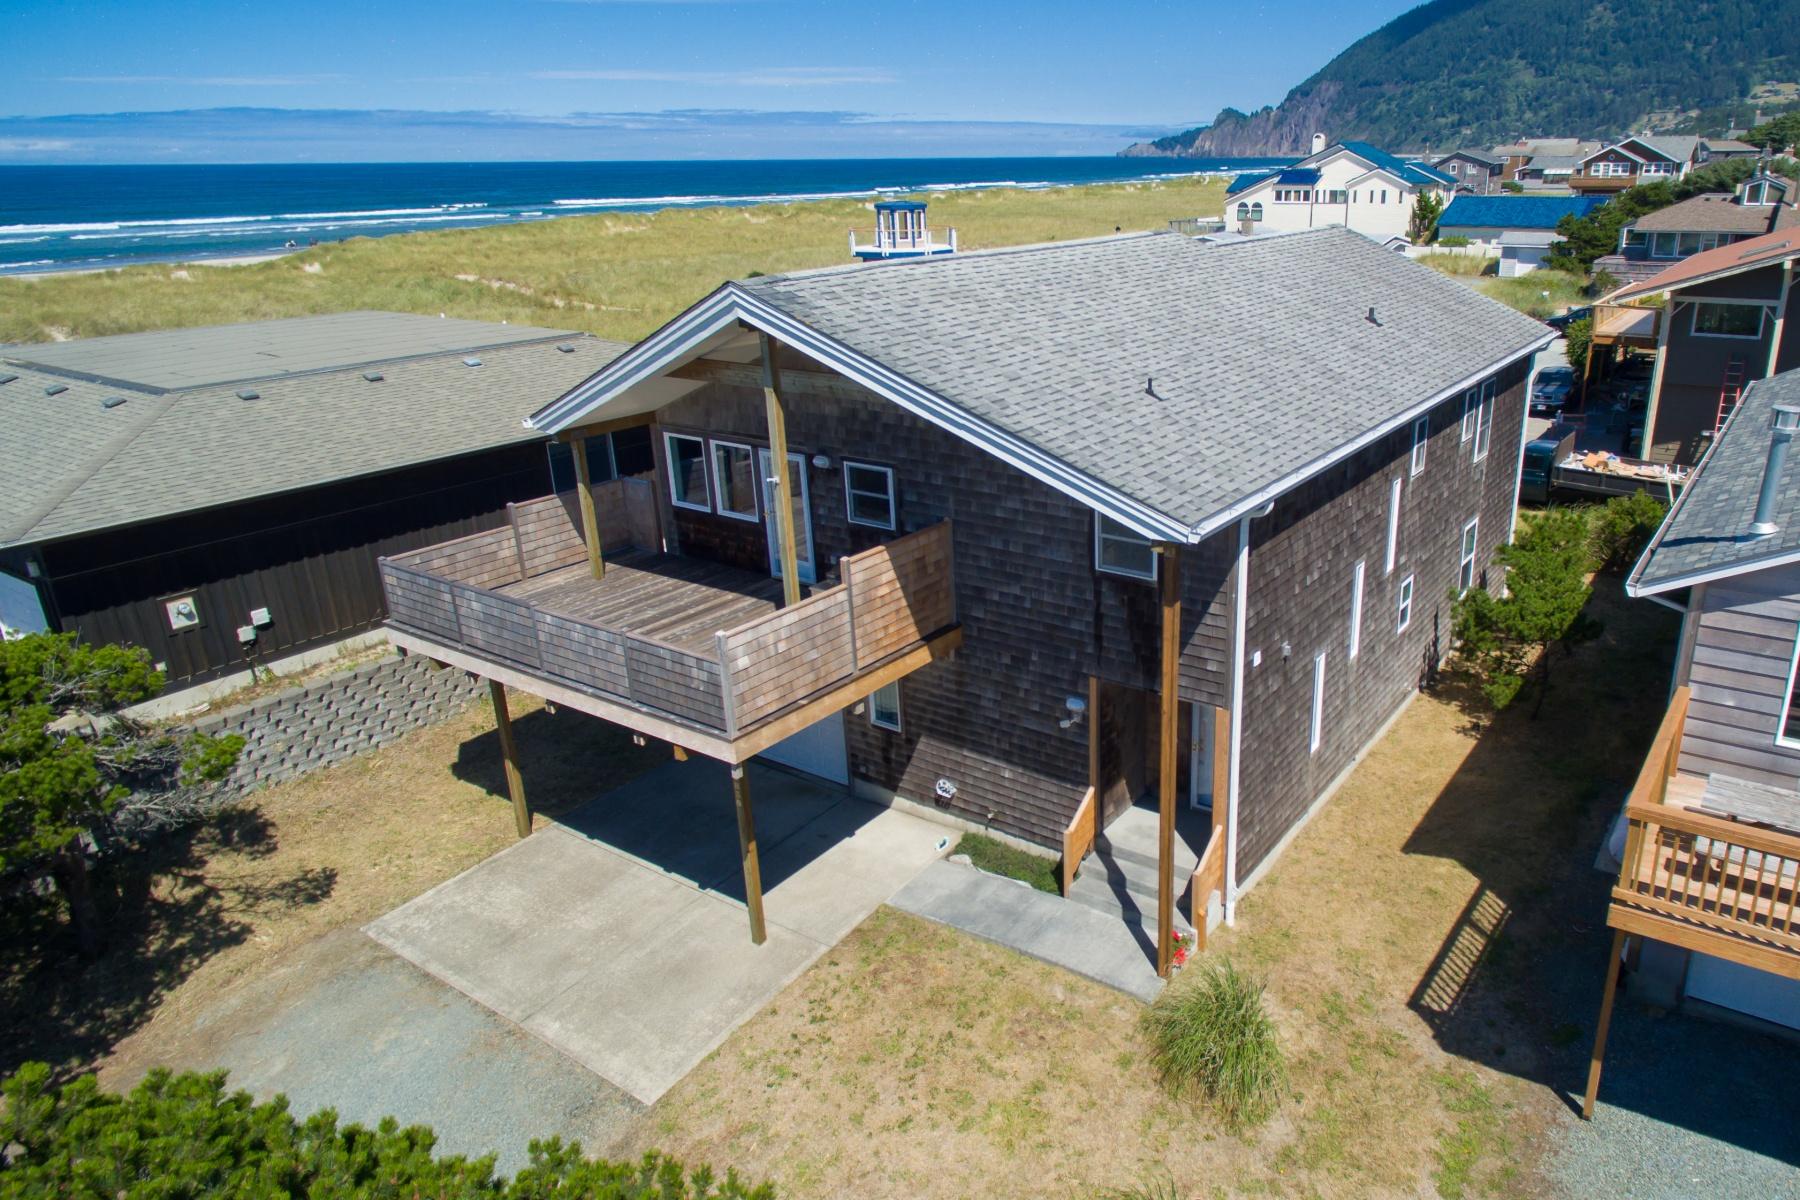 Einfamilienhaus für Verkauf beim 8830 WINDWARD LN, MANZANITA Manzanita, Oregon, 97130 Vereinigte Staaten